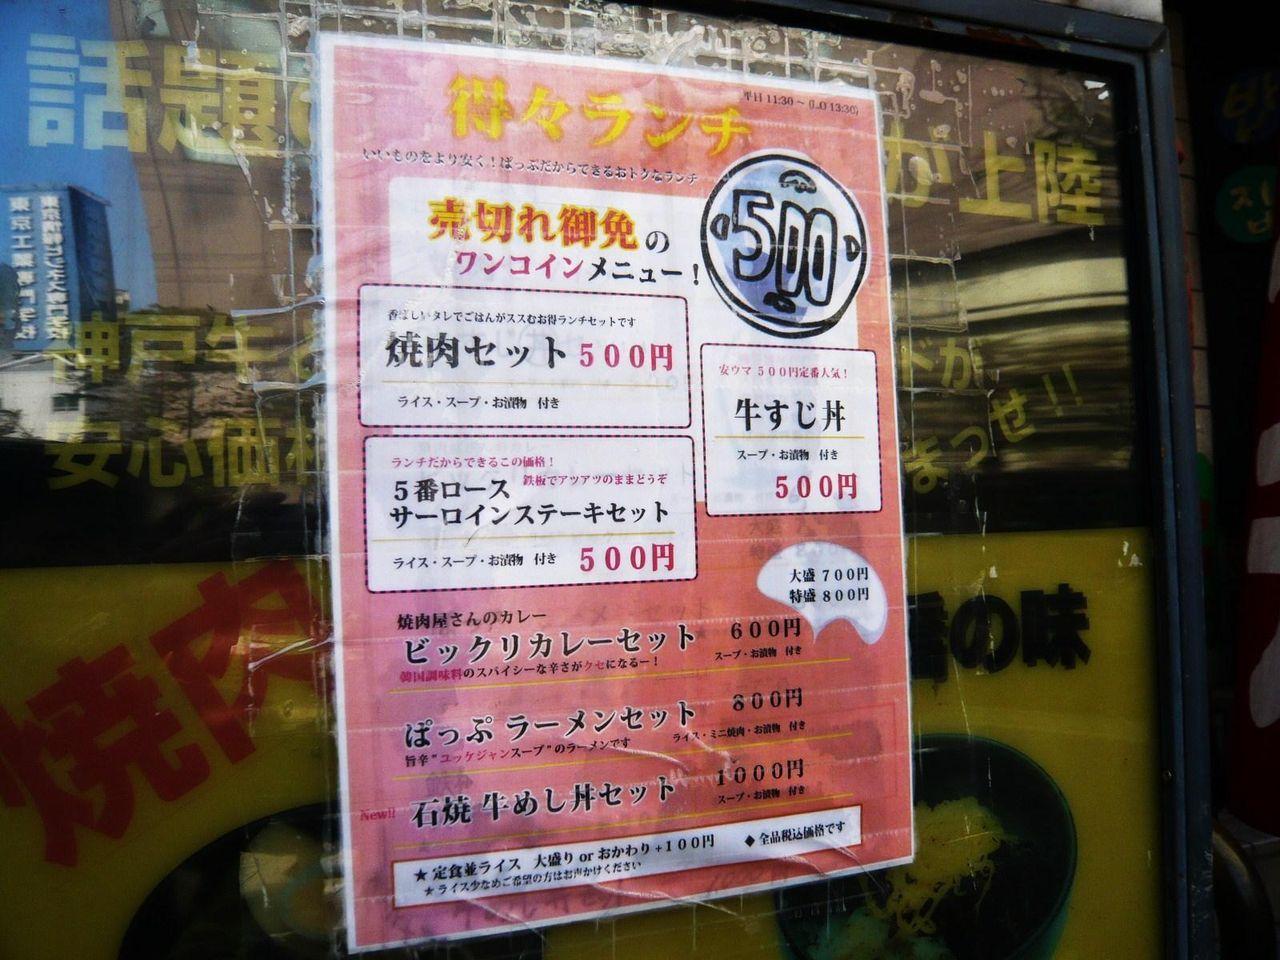 はっぷHOUSE渋谷本店のランチメニュー(23年2月現在)